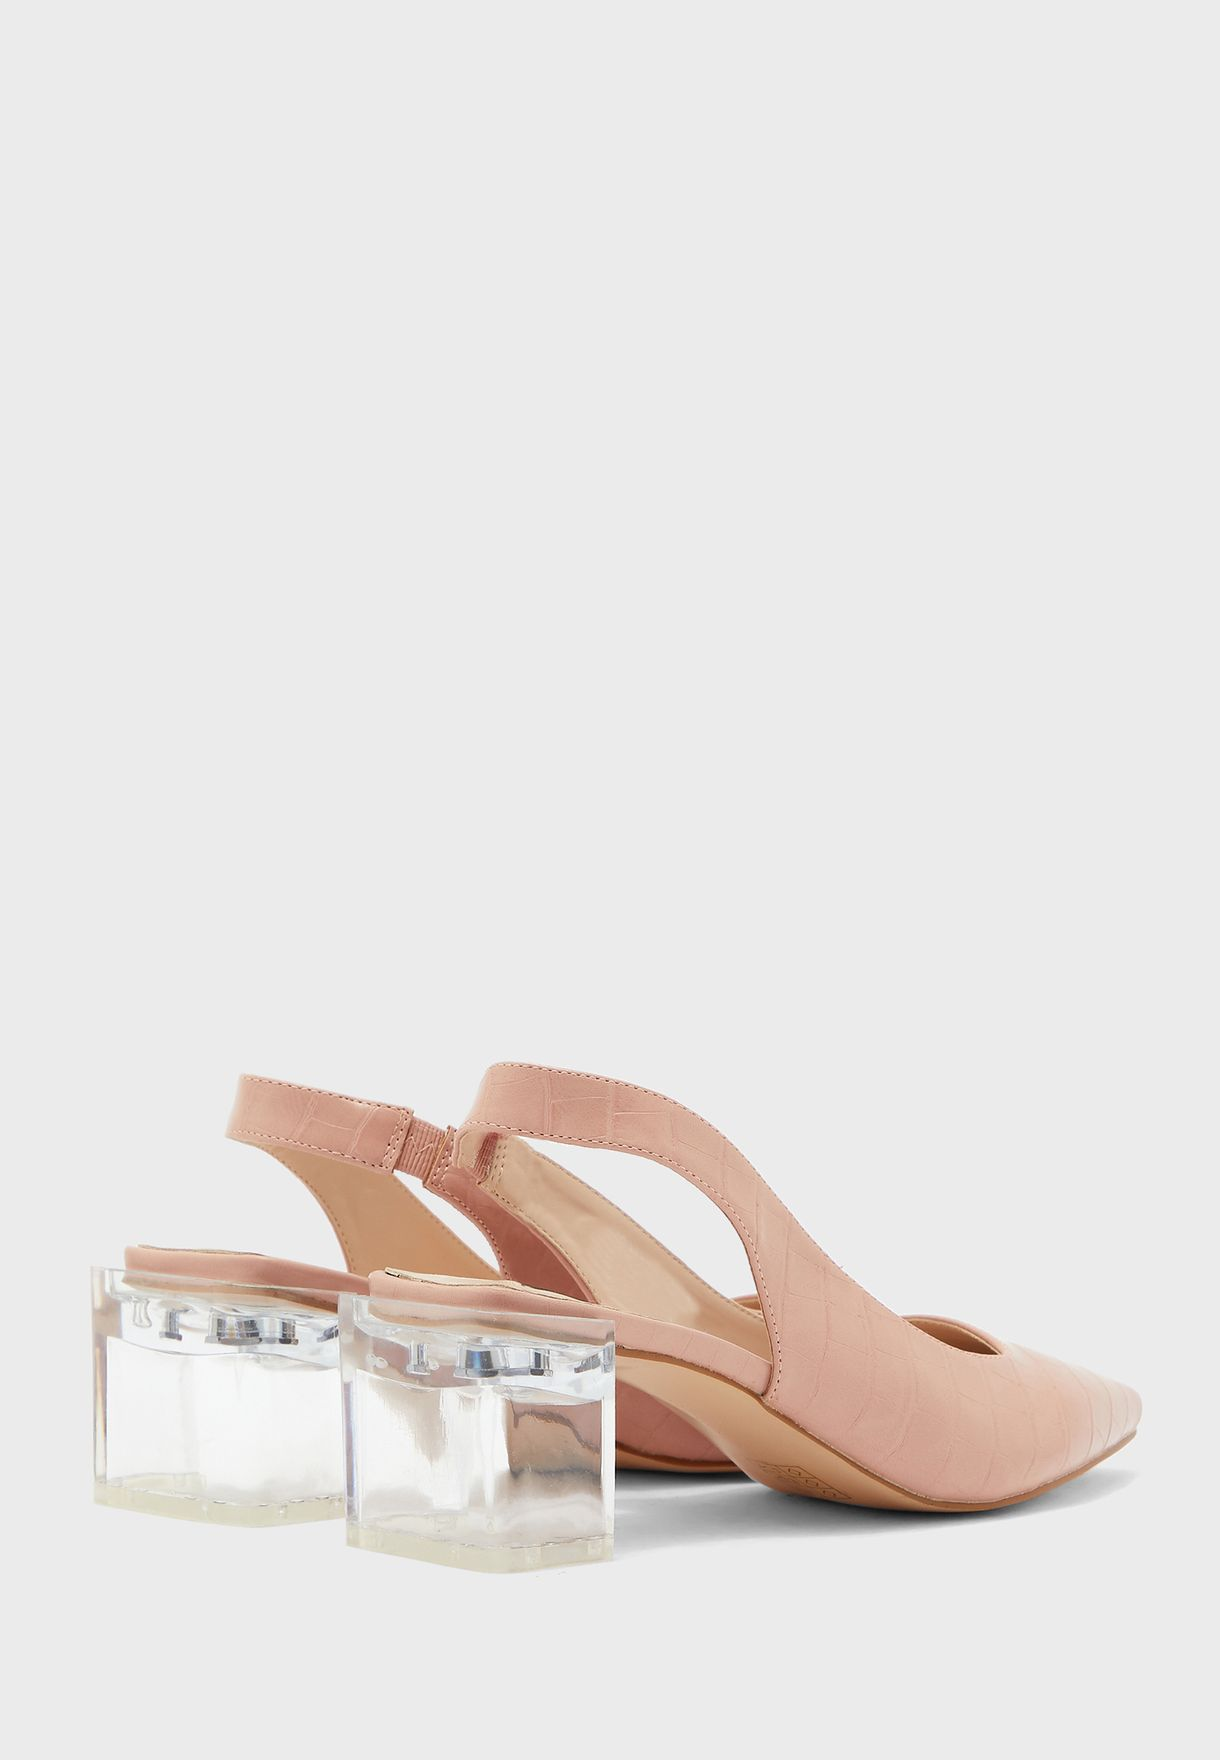 حذاء بكعب سميك شفاف